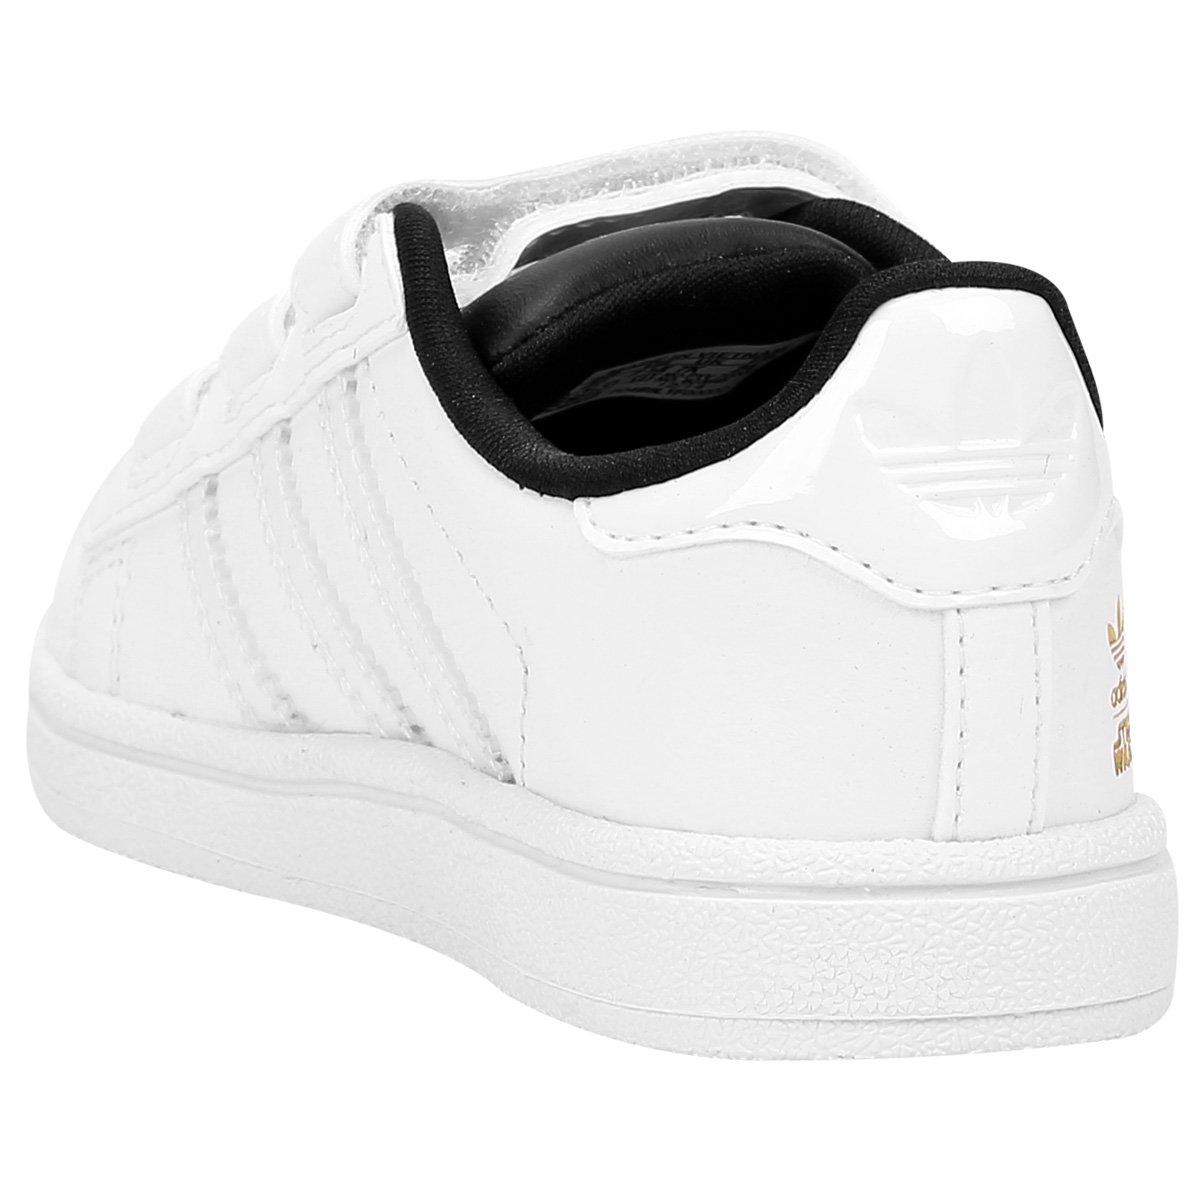 42533164eca Tênis Adidas Star Stormt CF Infantil - Compre Agora